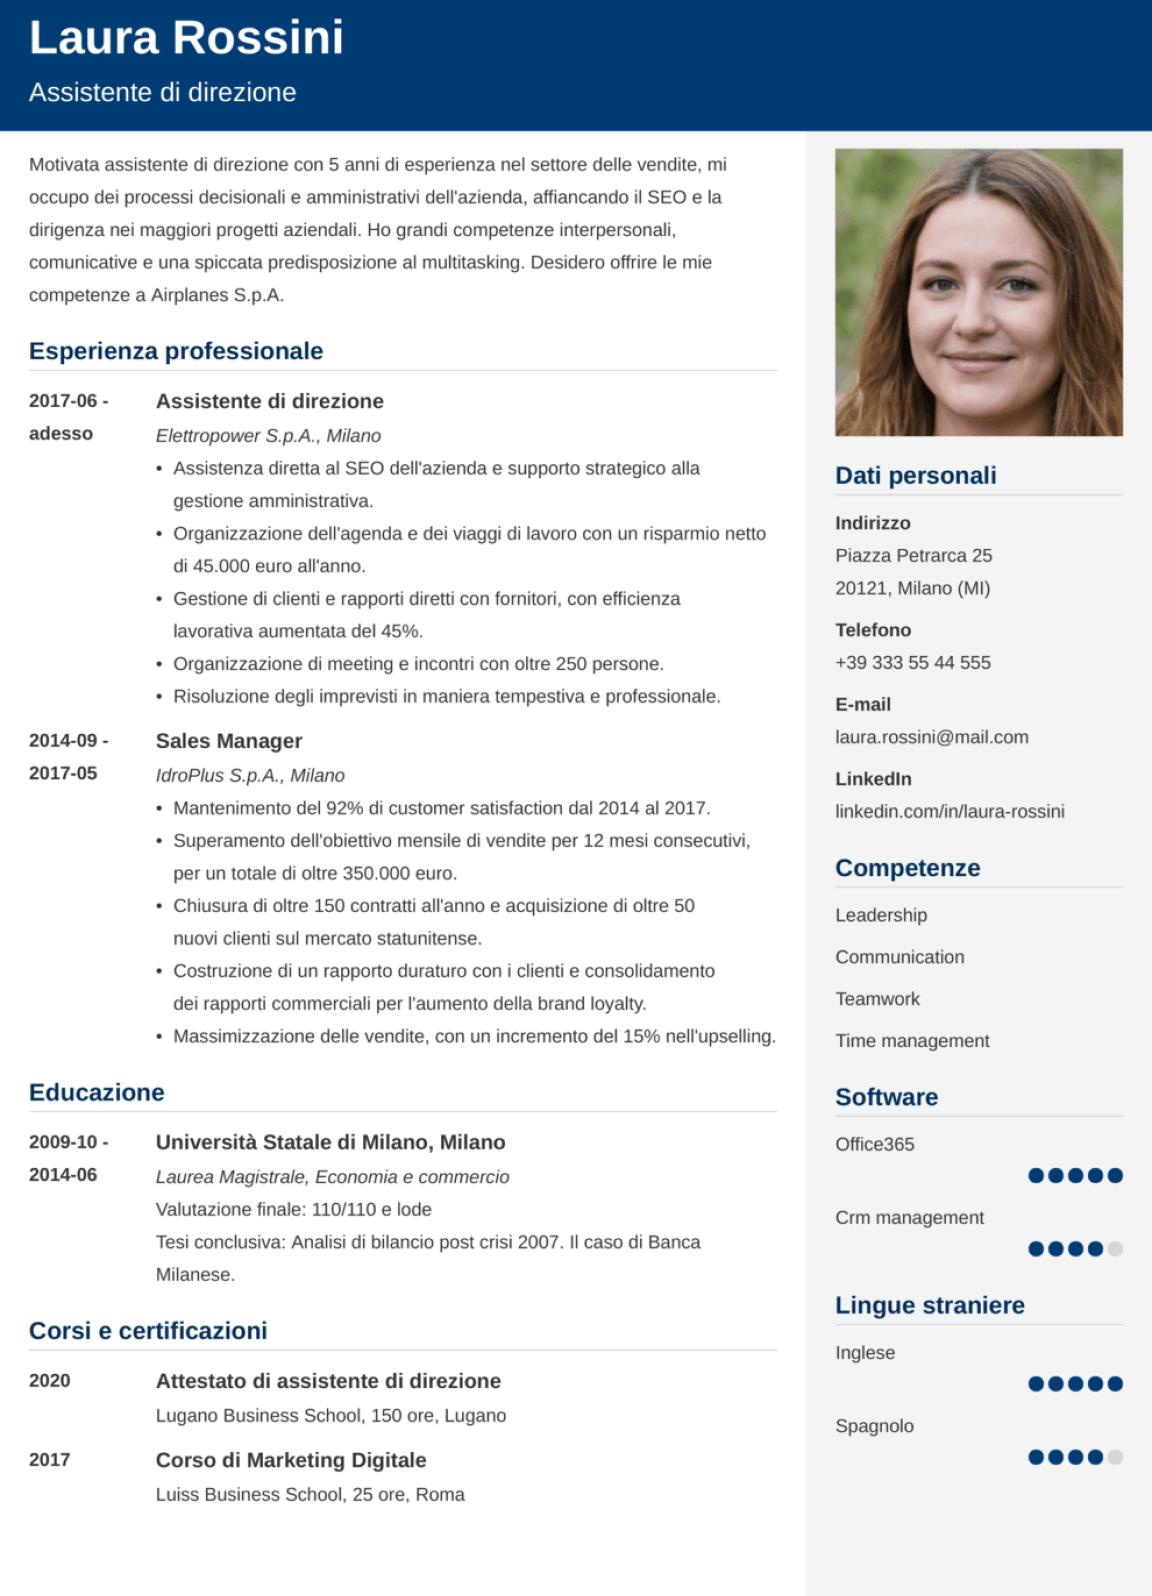 Esempio di modello di CV